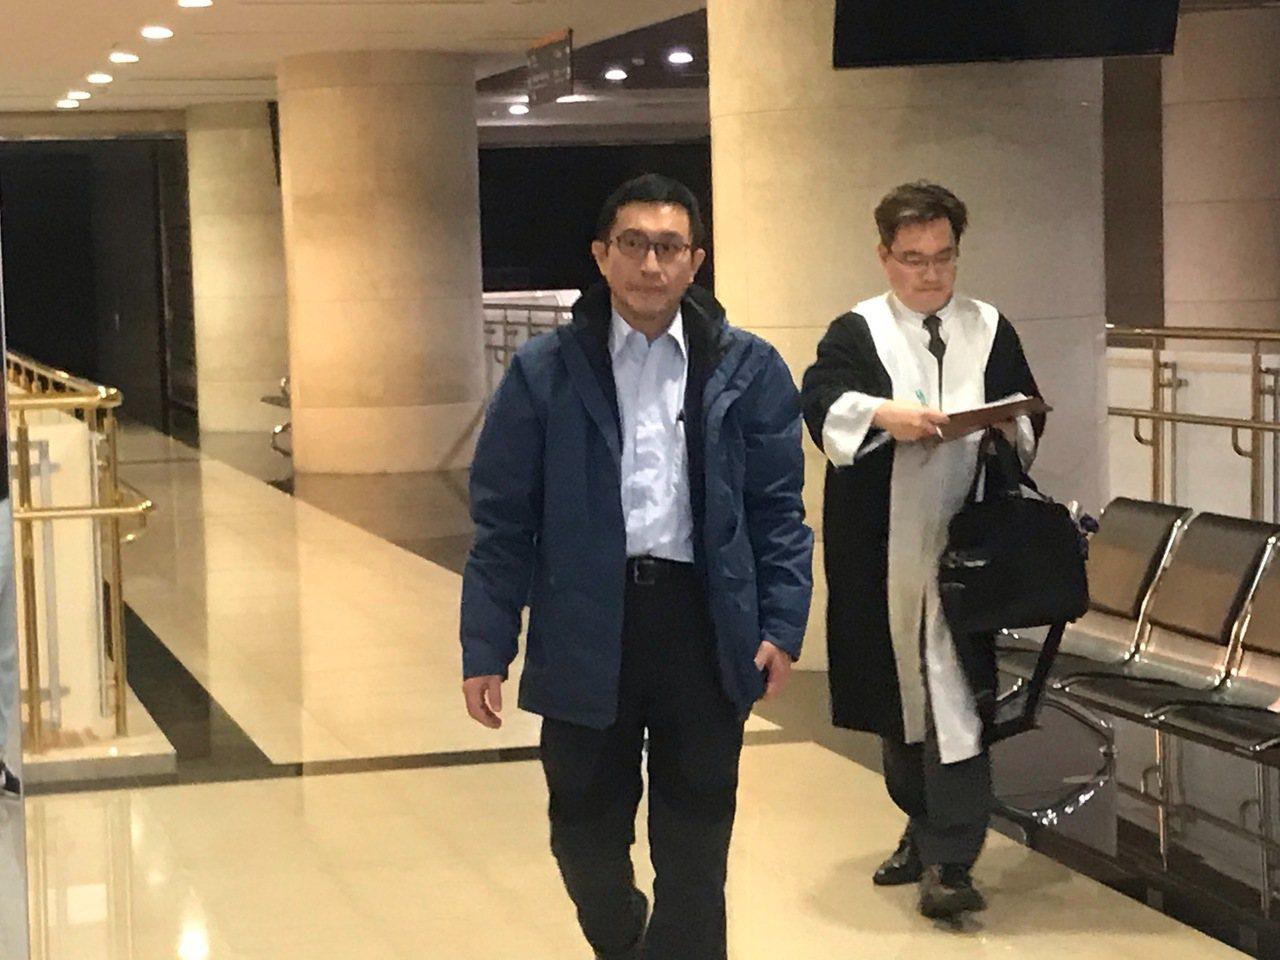 桃園市府前經發局長朱松偉(圖左)被控傳LINE貼圖向業者索賄。圖/資料照片